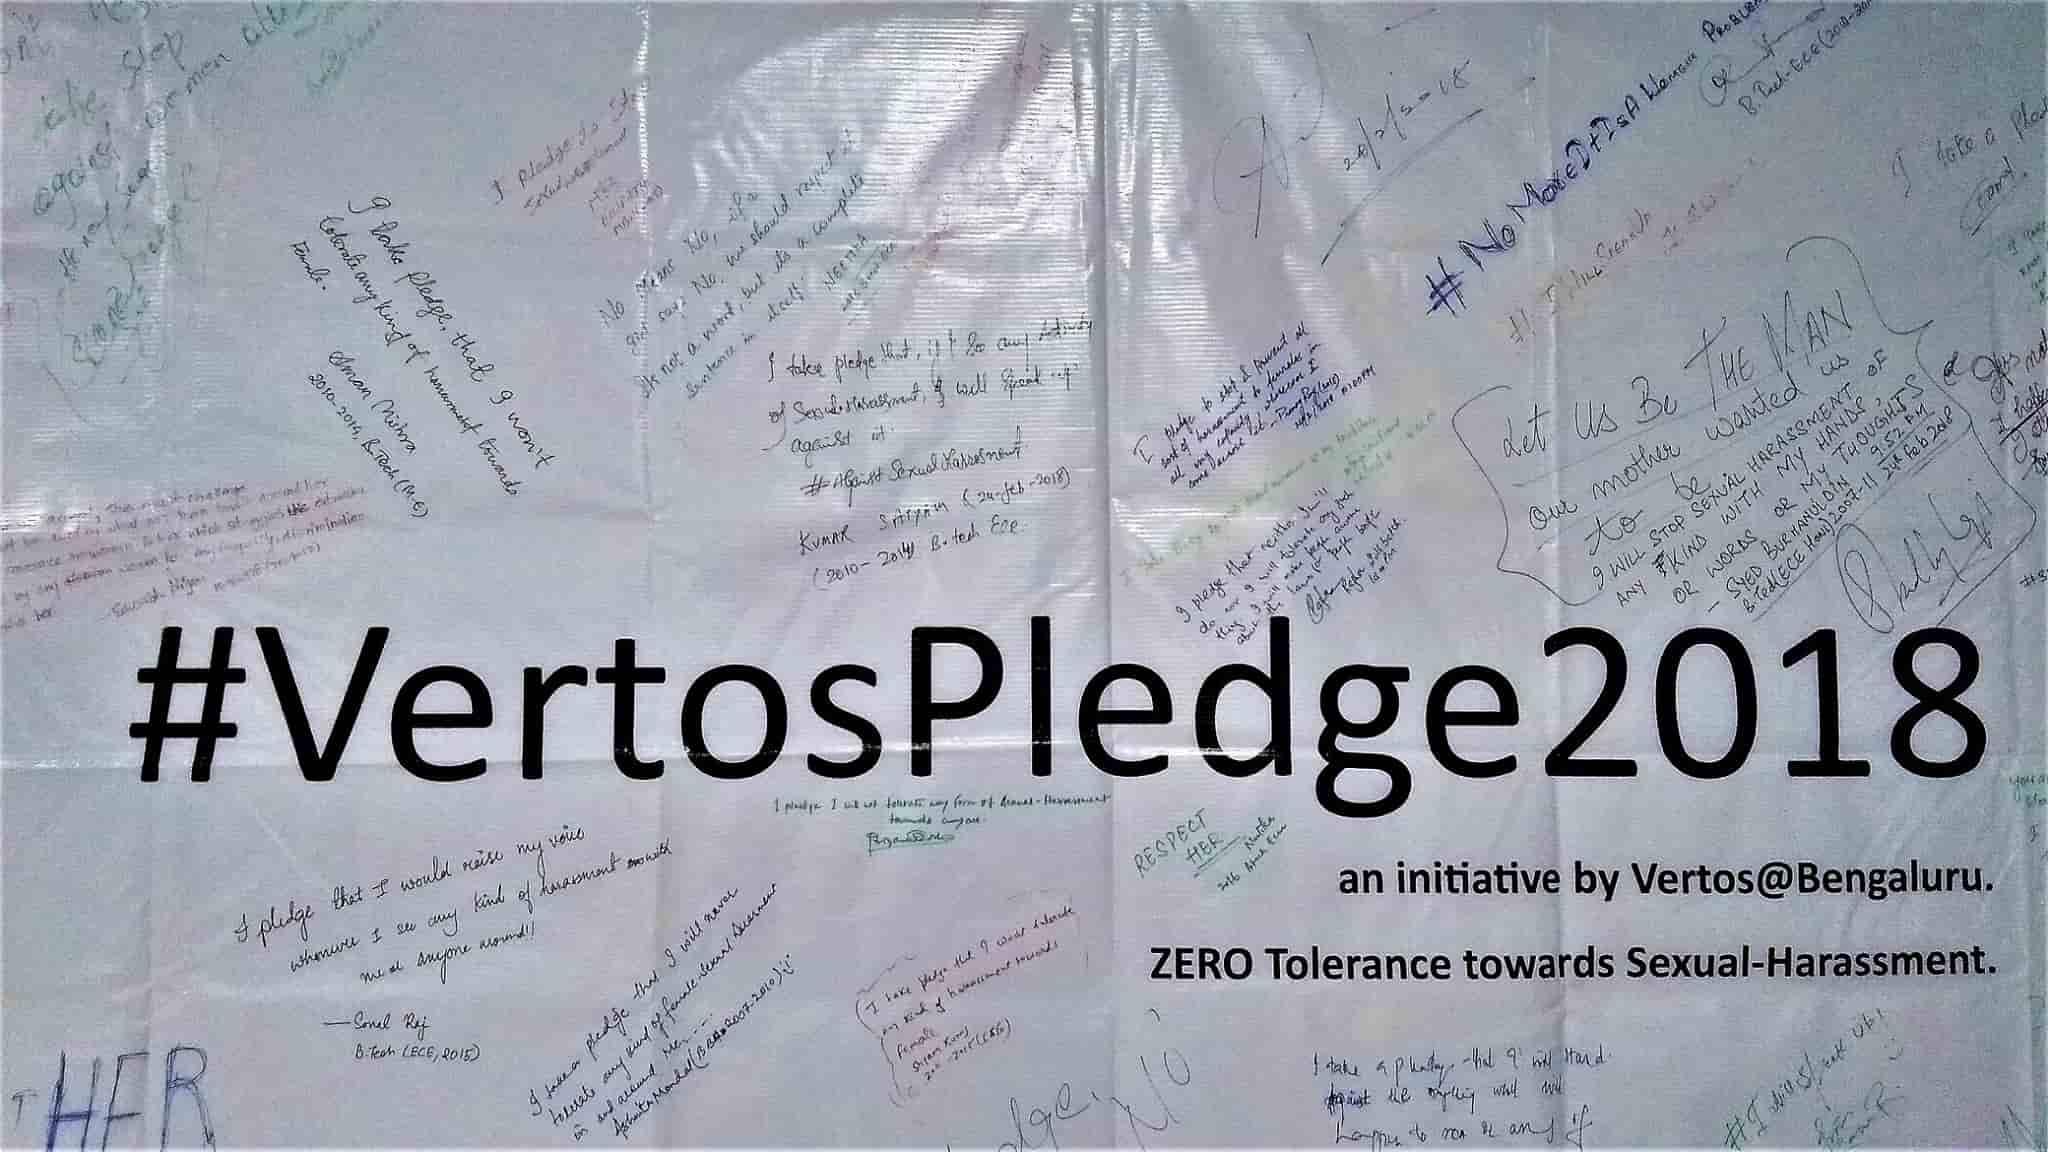 #VertosPledge2018